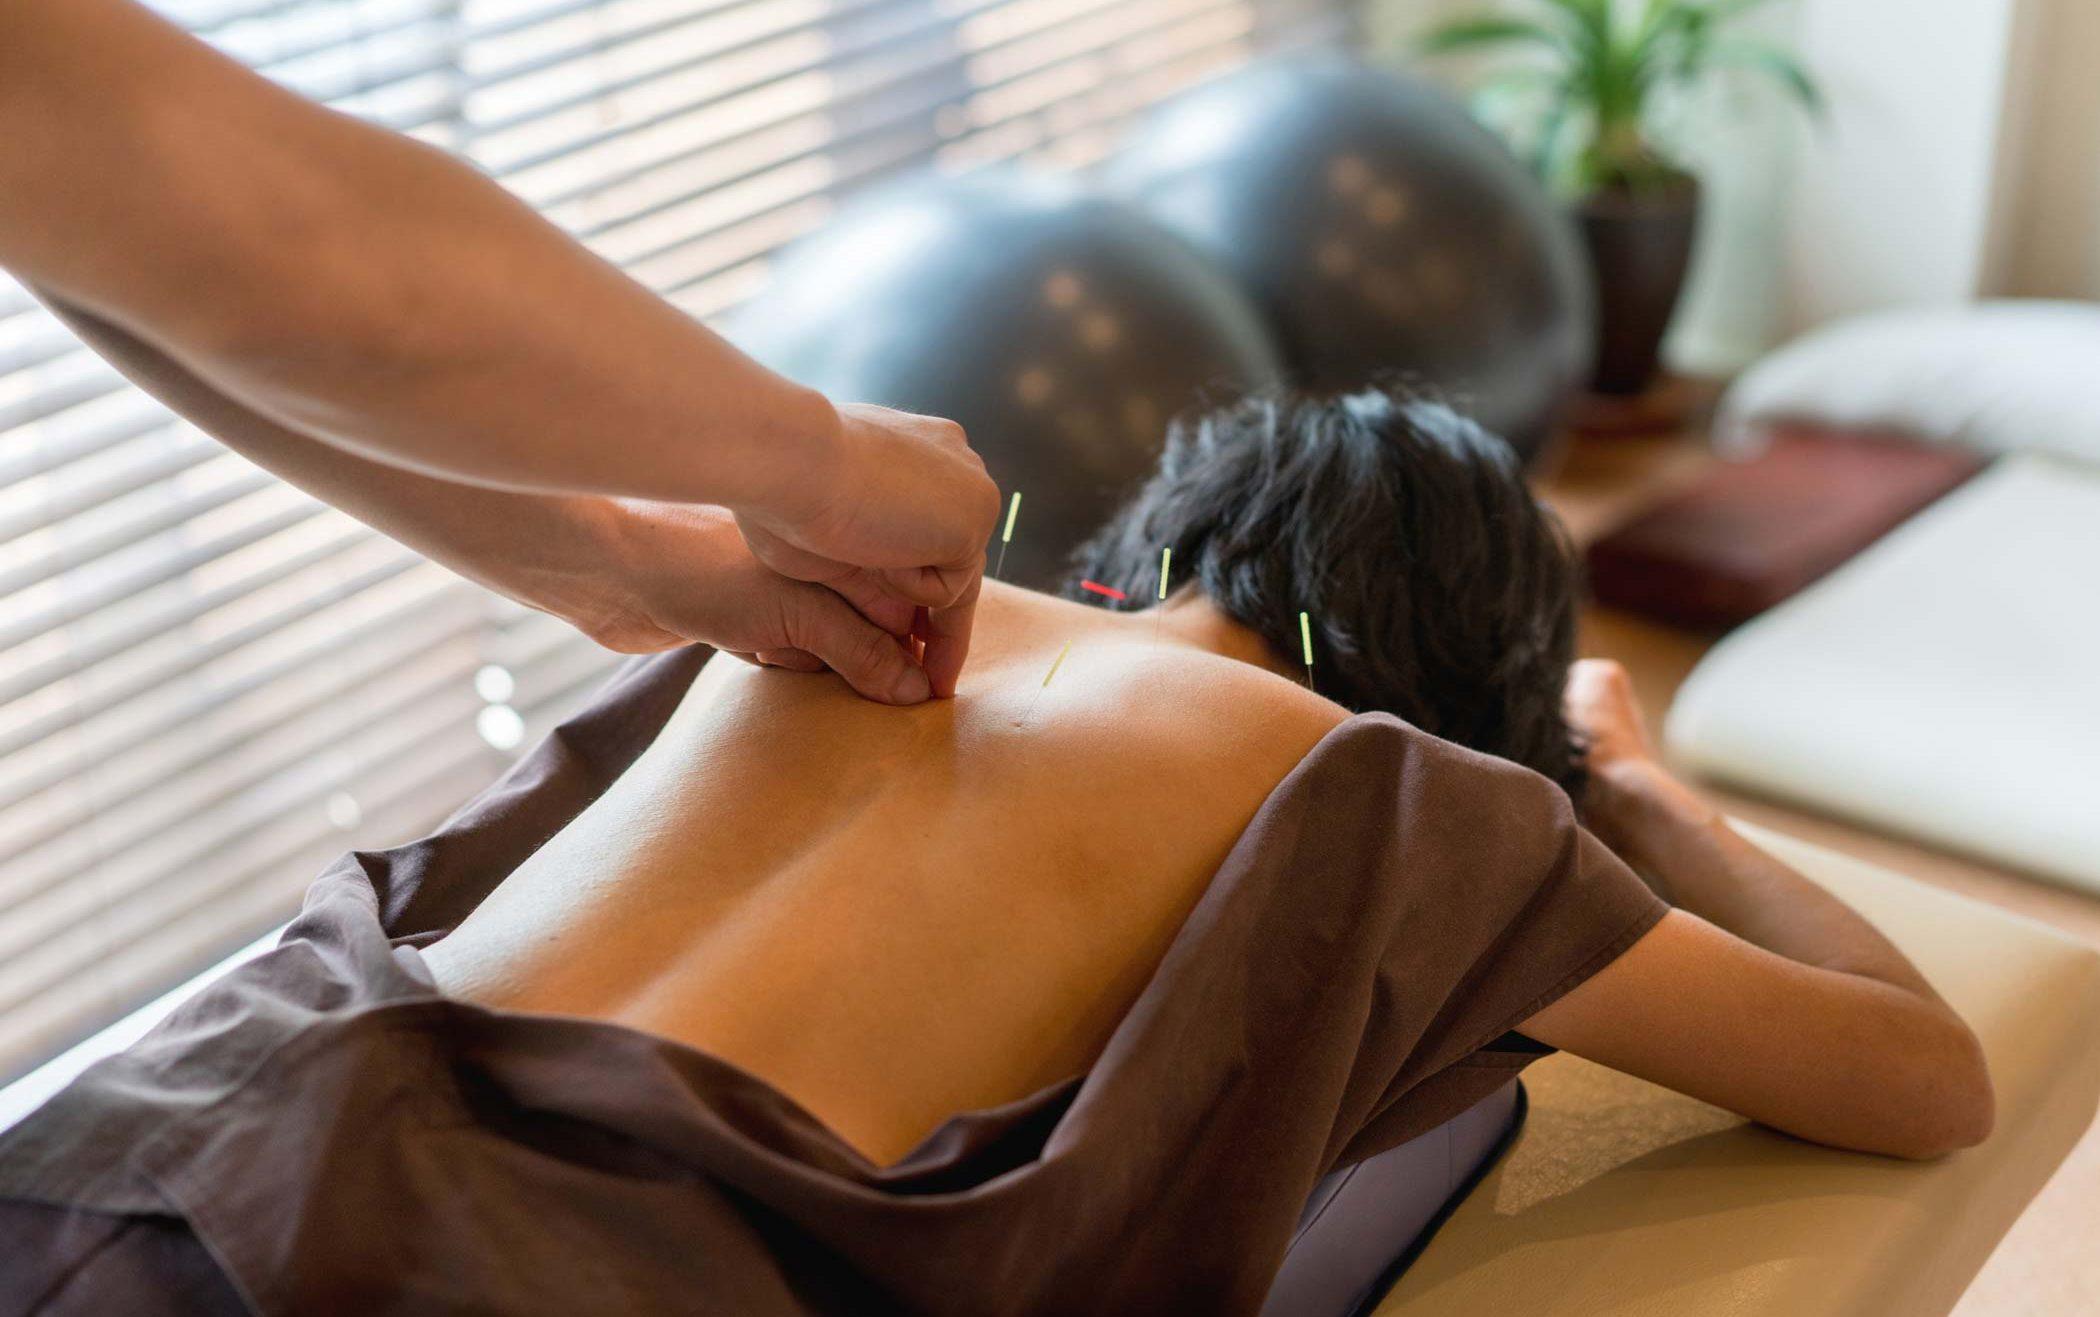 acupunture practice